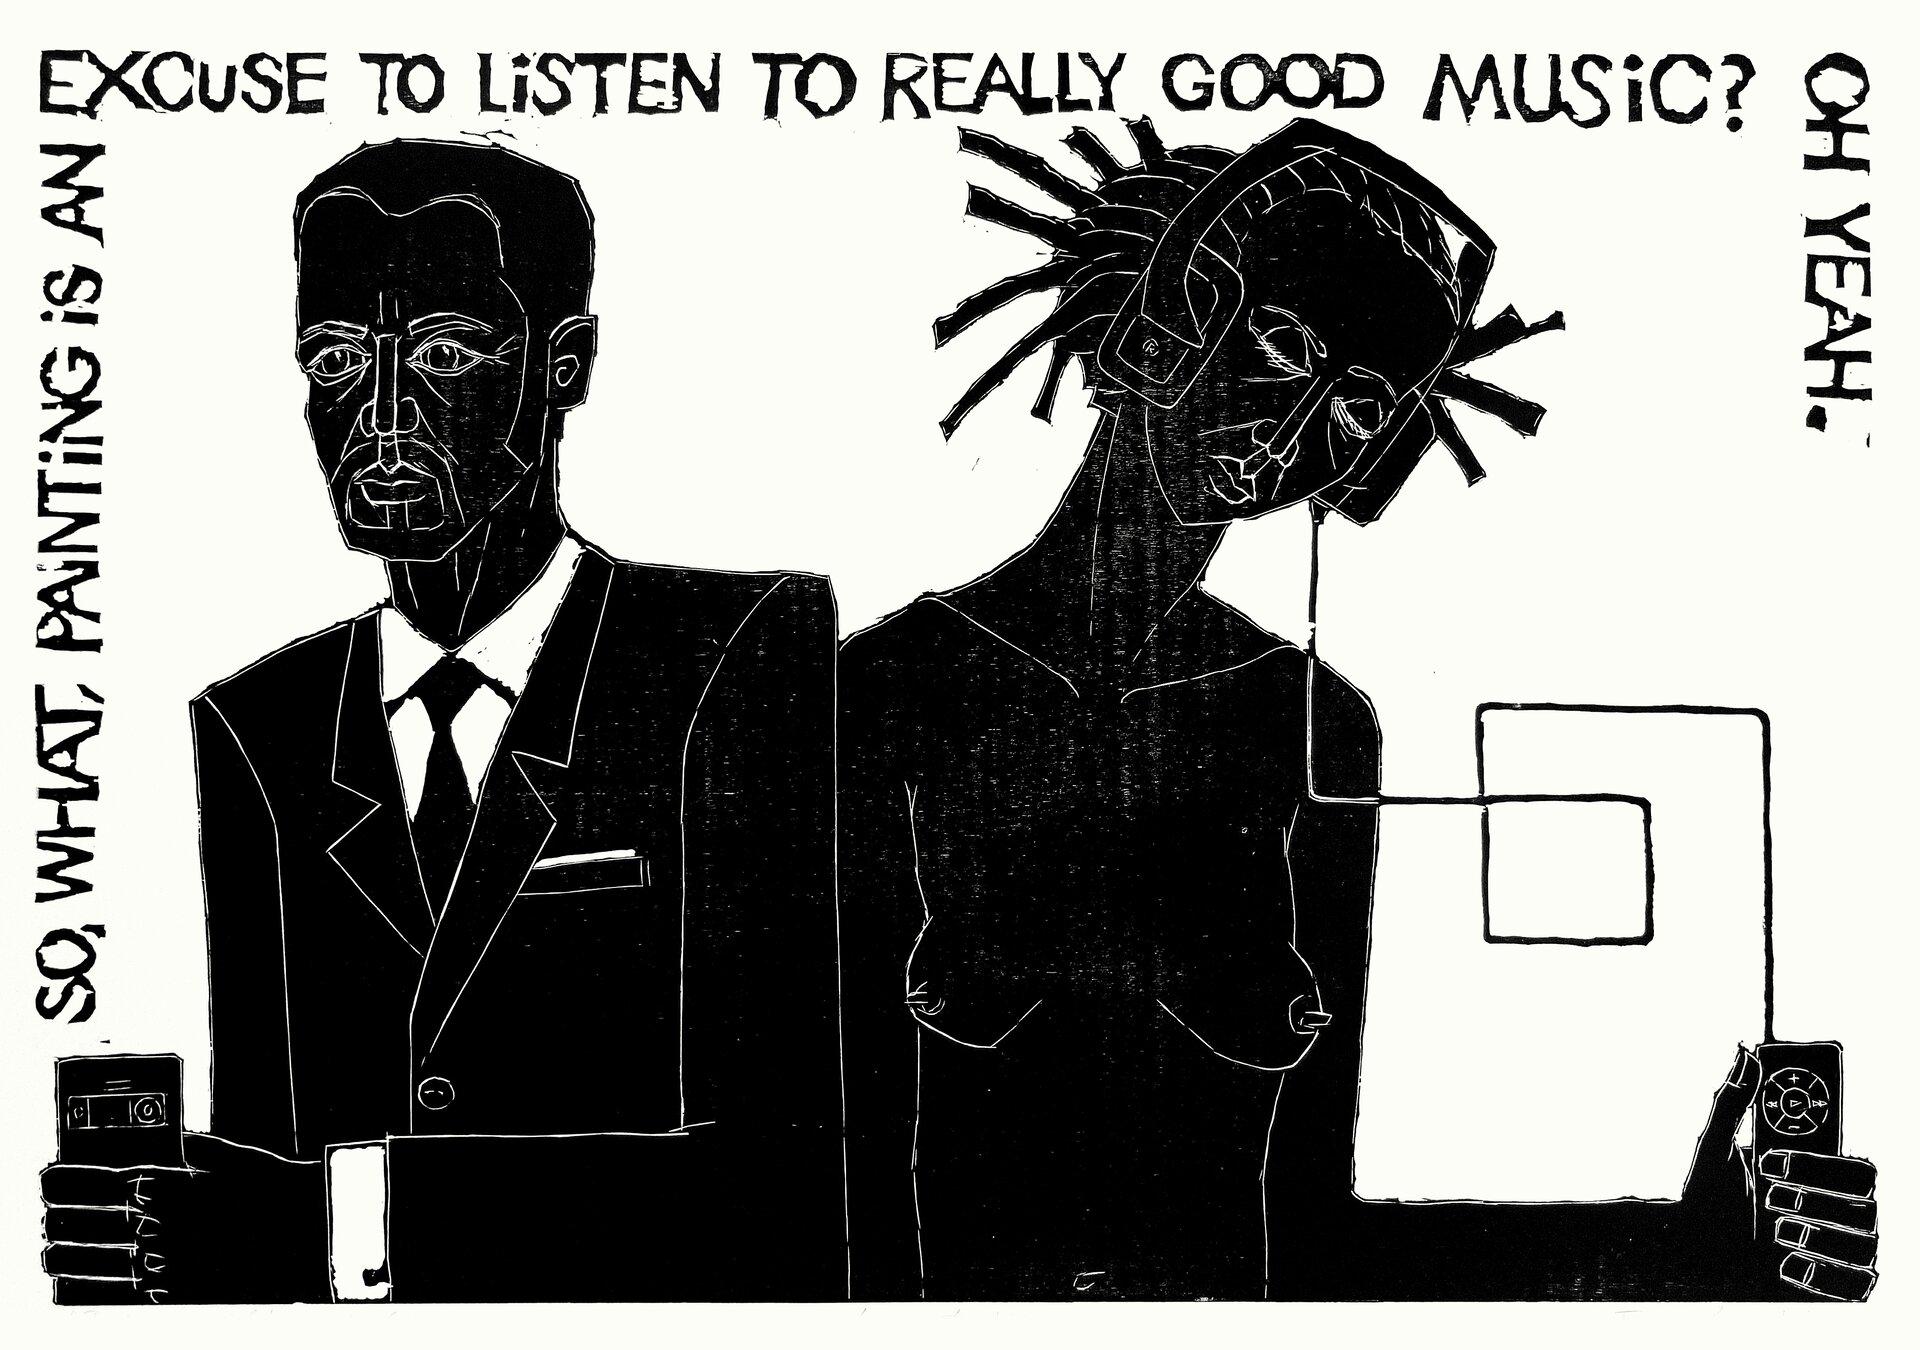 """Czarno - biała ilustracja przedstawia kobietę, która ma założone słuchawki oraz mężczyznę trzymającego wdłoni telefon komórkowy. Dookoła nich widnieje napis po angielsku:"""" So what, painting is an excuse to listen really good music? Oh yeah."""""""